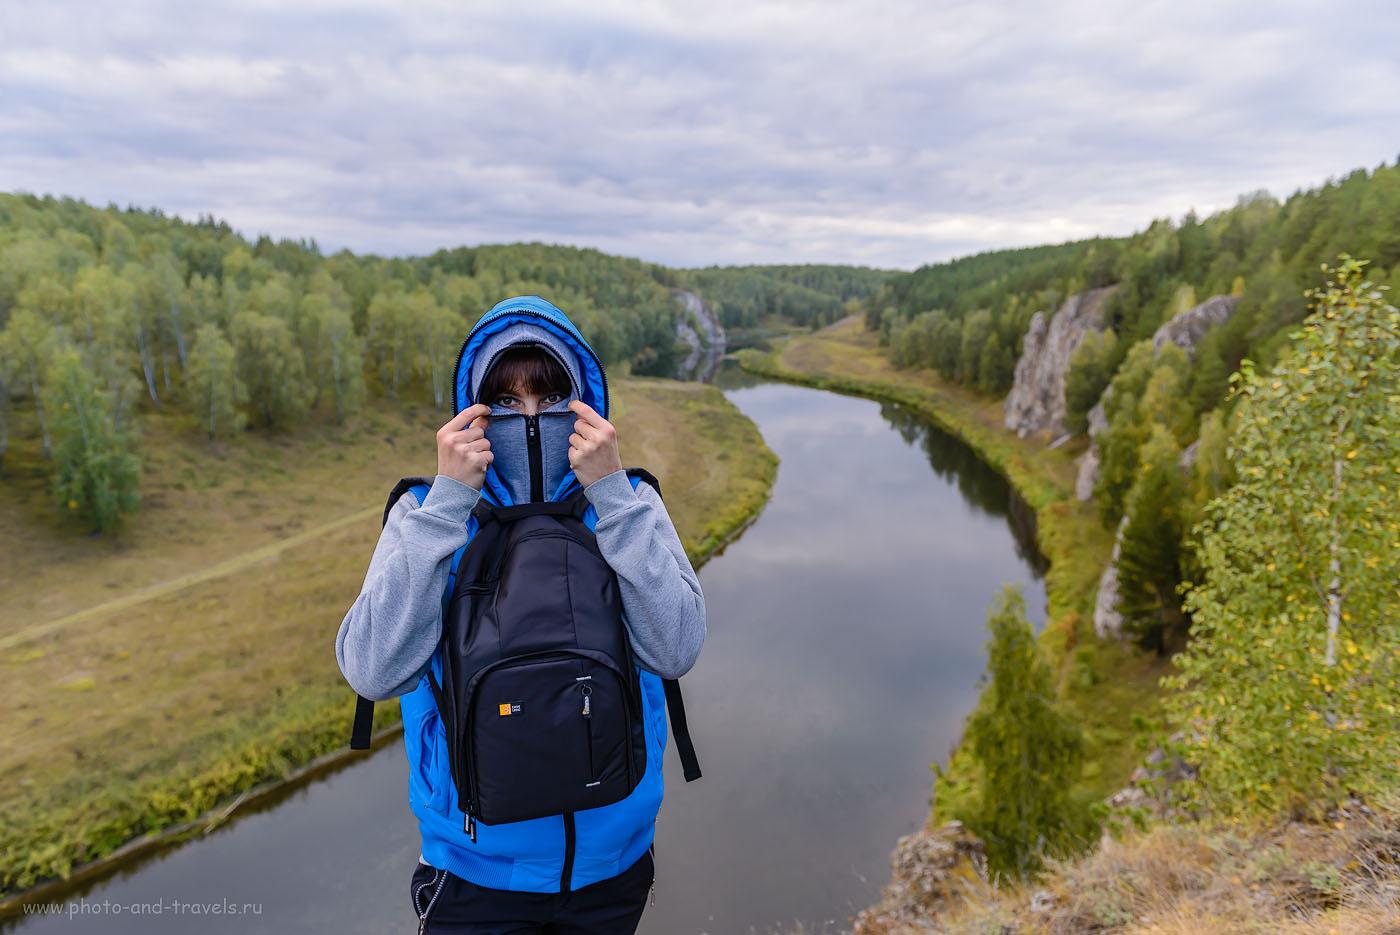 Фотография 20. Испытание рюкзака для фотоаппарата в реальных условиях.